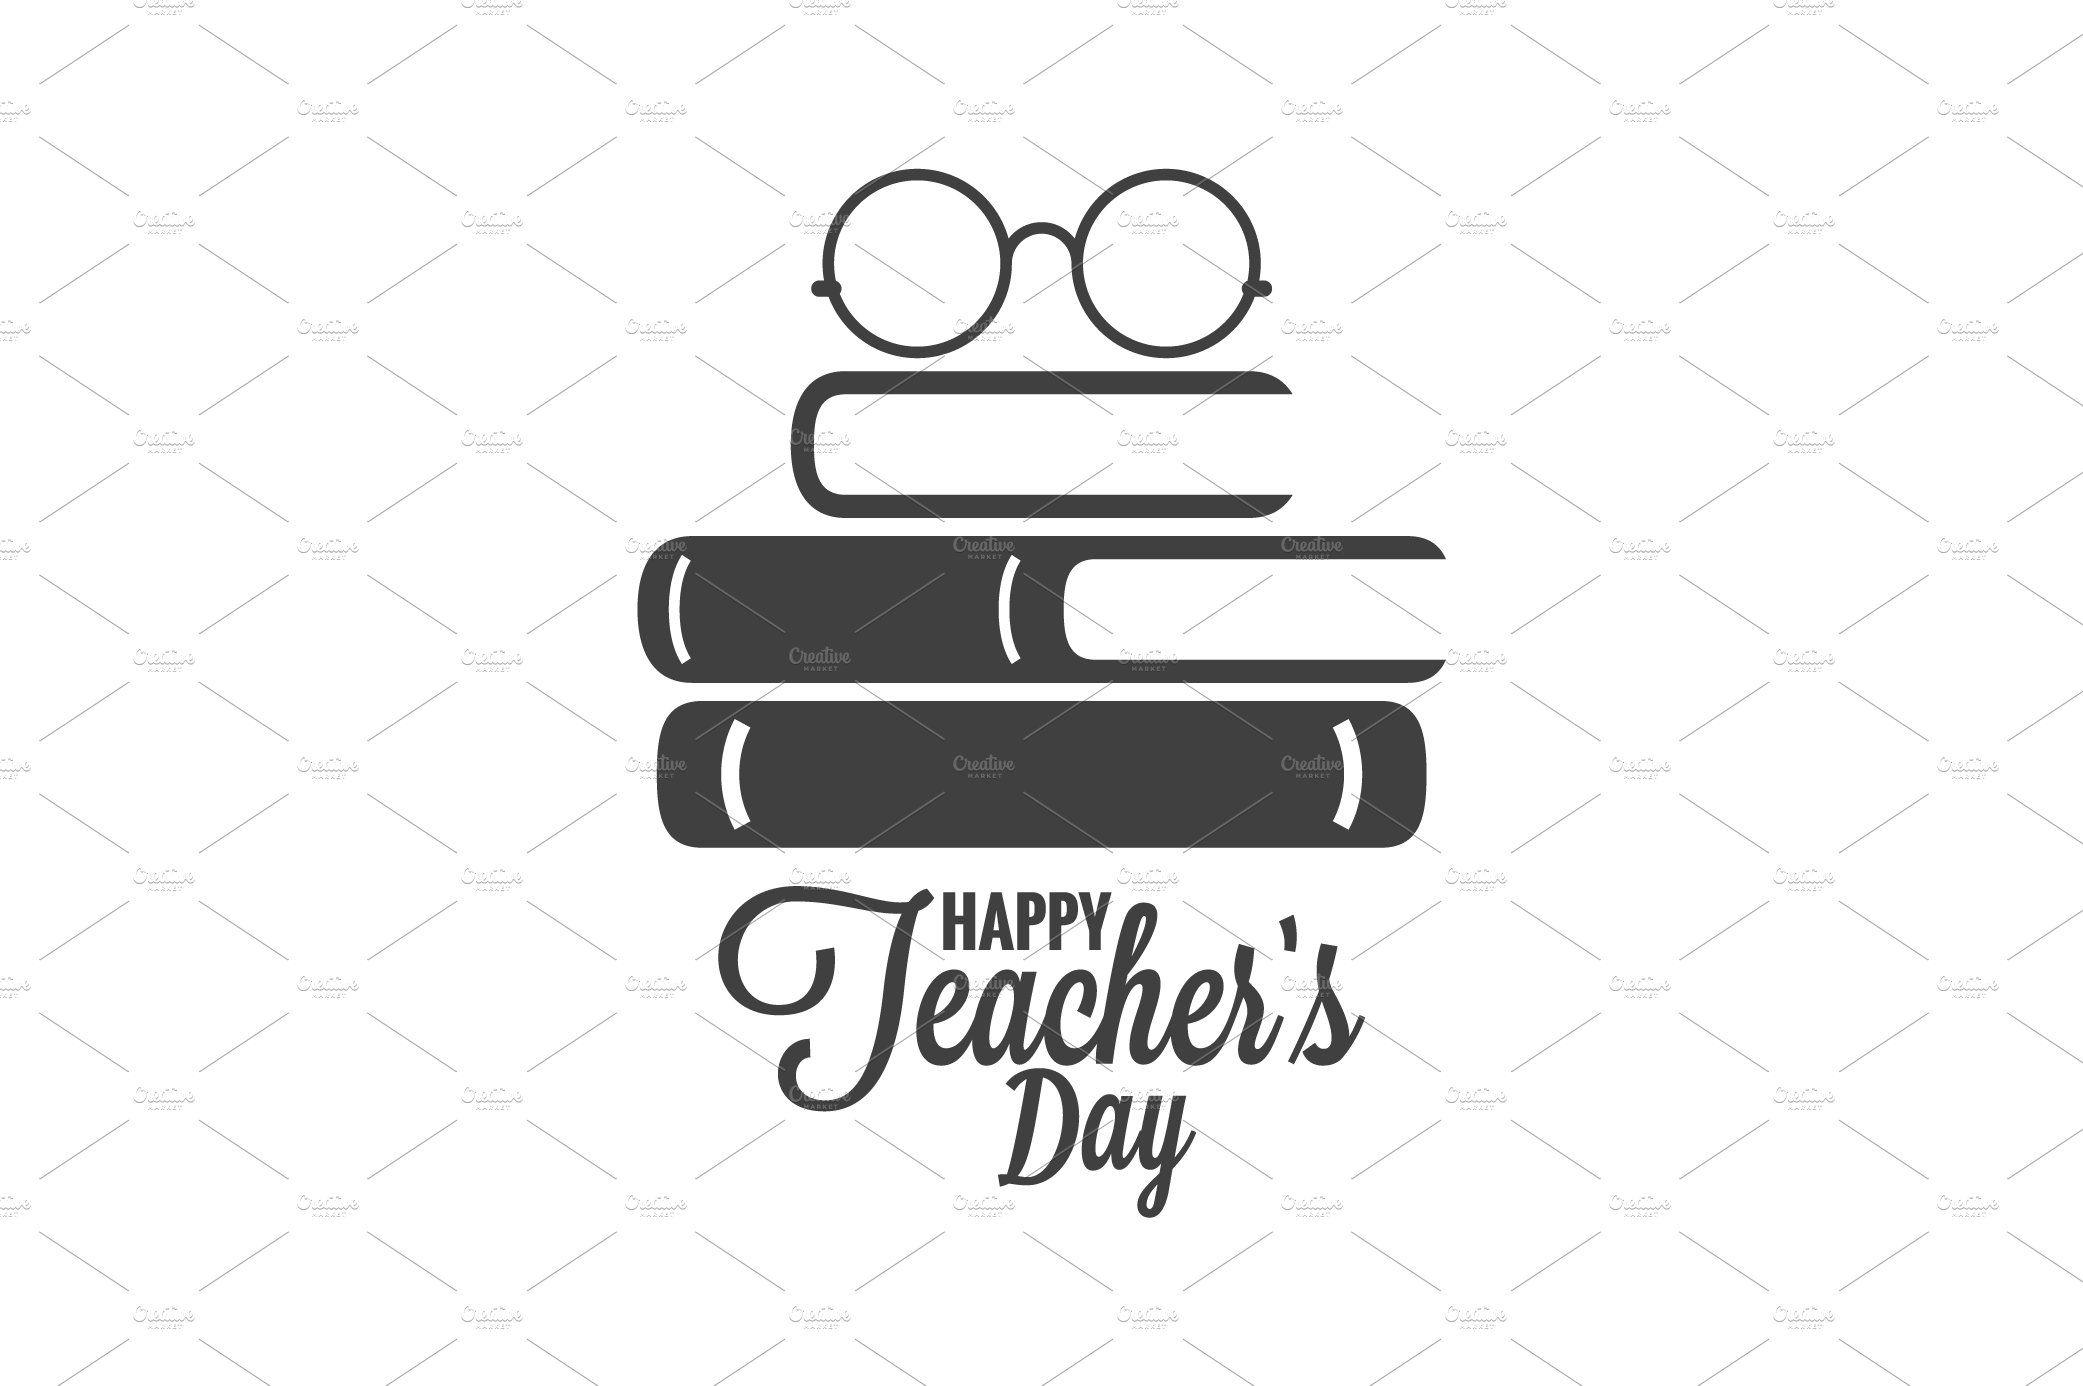 Happy teachers day icon affiliate whitelogo